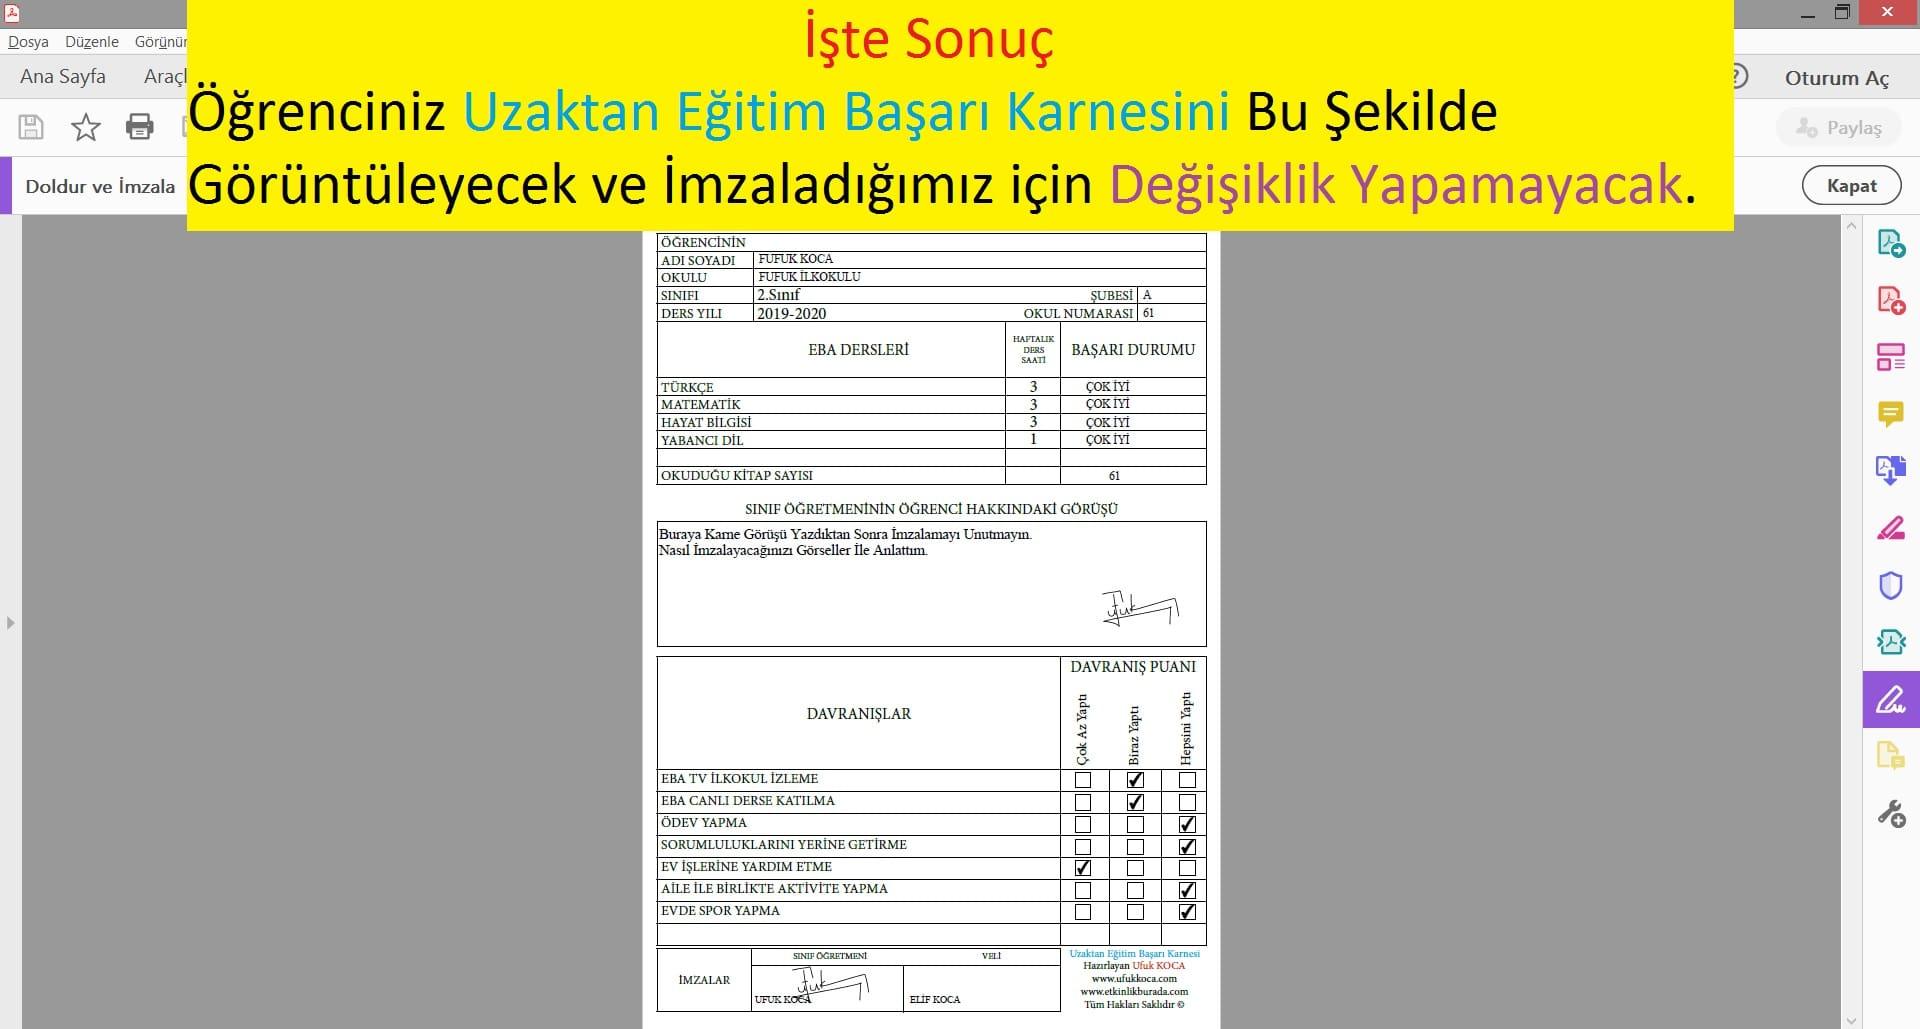 UZAKTAN EĞİTİM BAŞARI KARNESİ - 3.SINIF